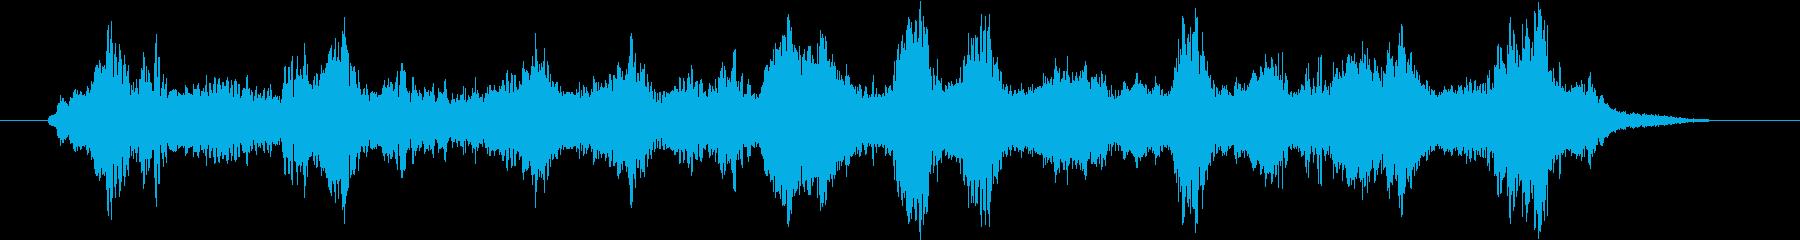 近未来的な神秘的な音楽の再生済みの波形